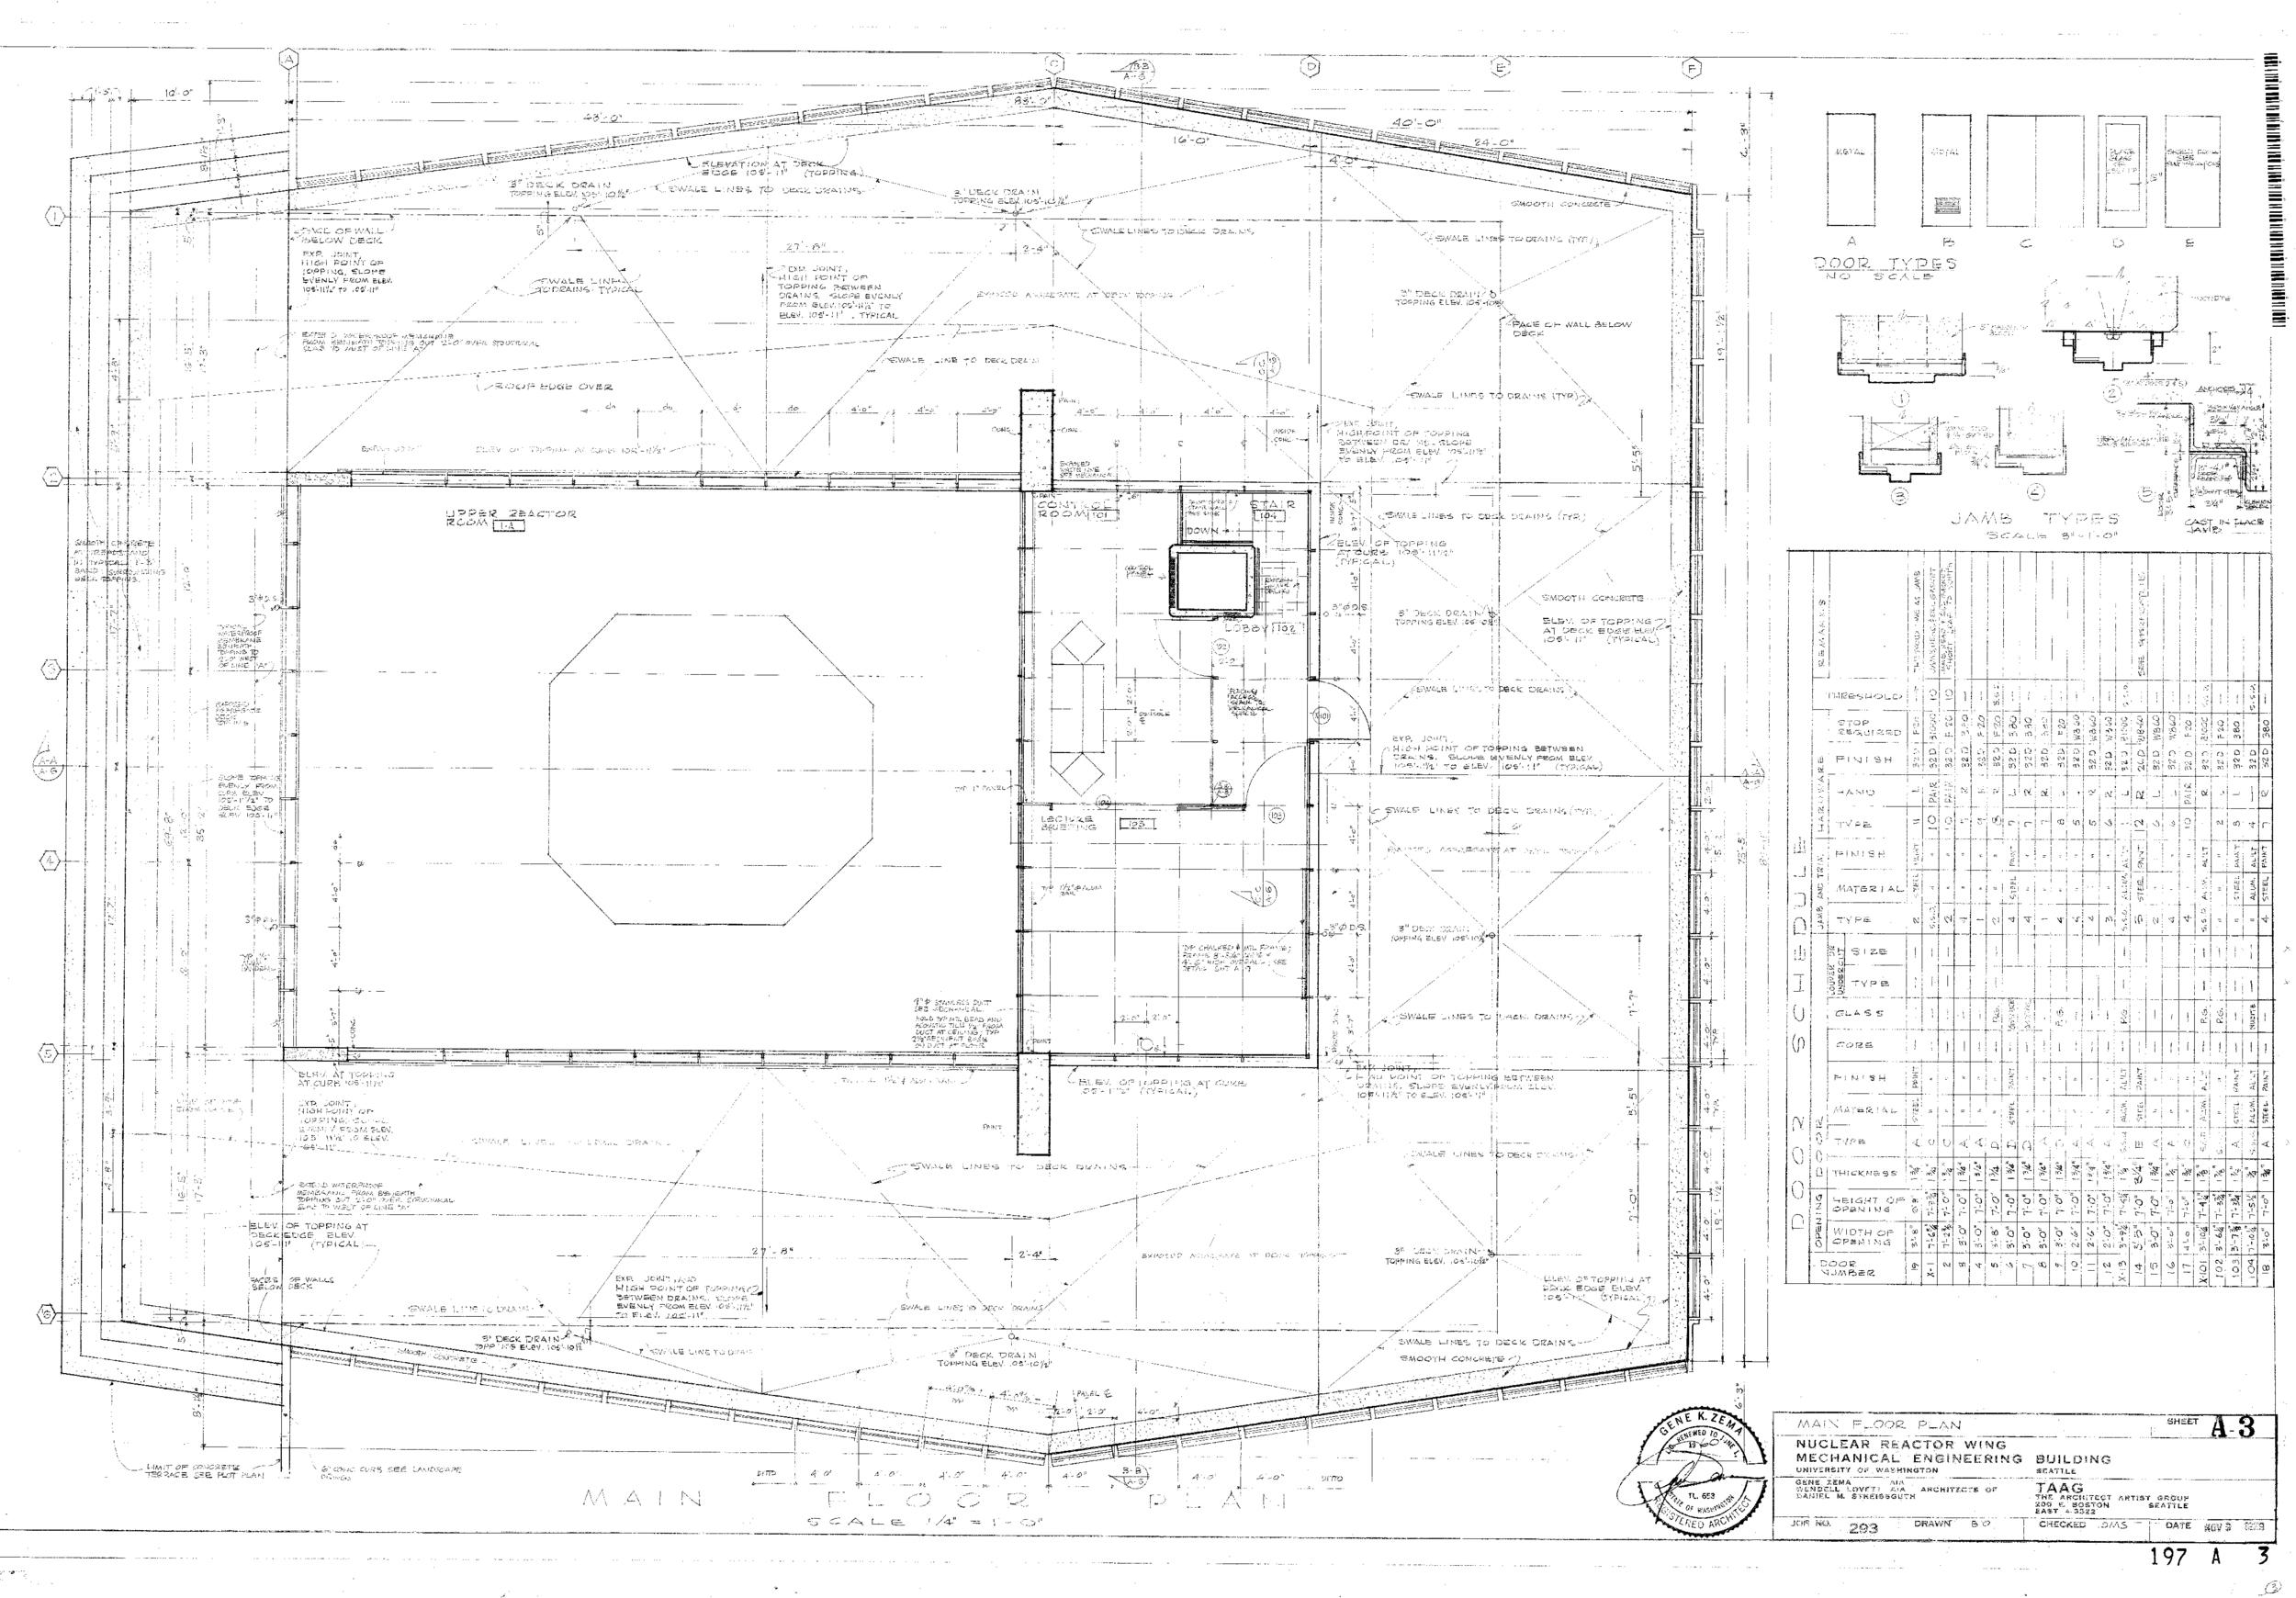 Nuclear Reactor Building - Main Floor Plan